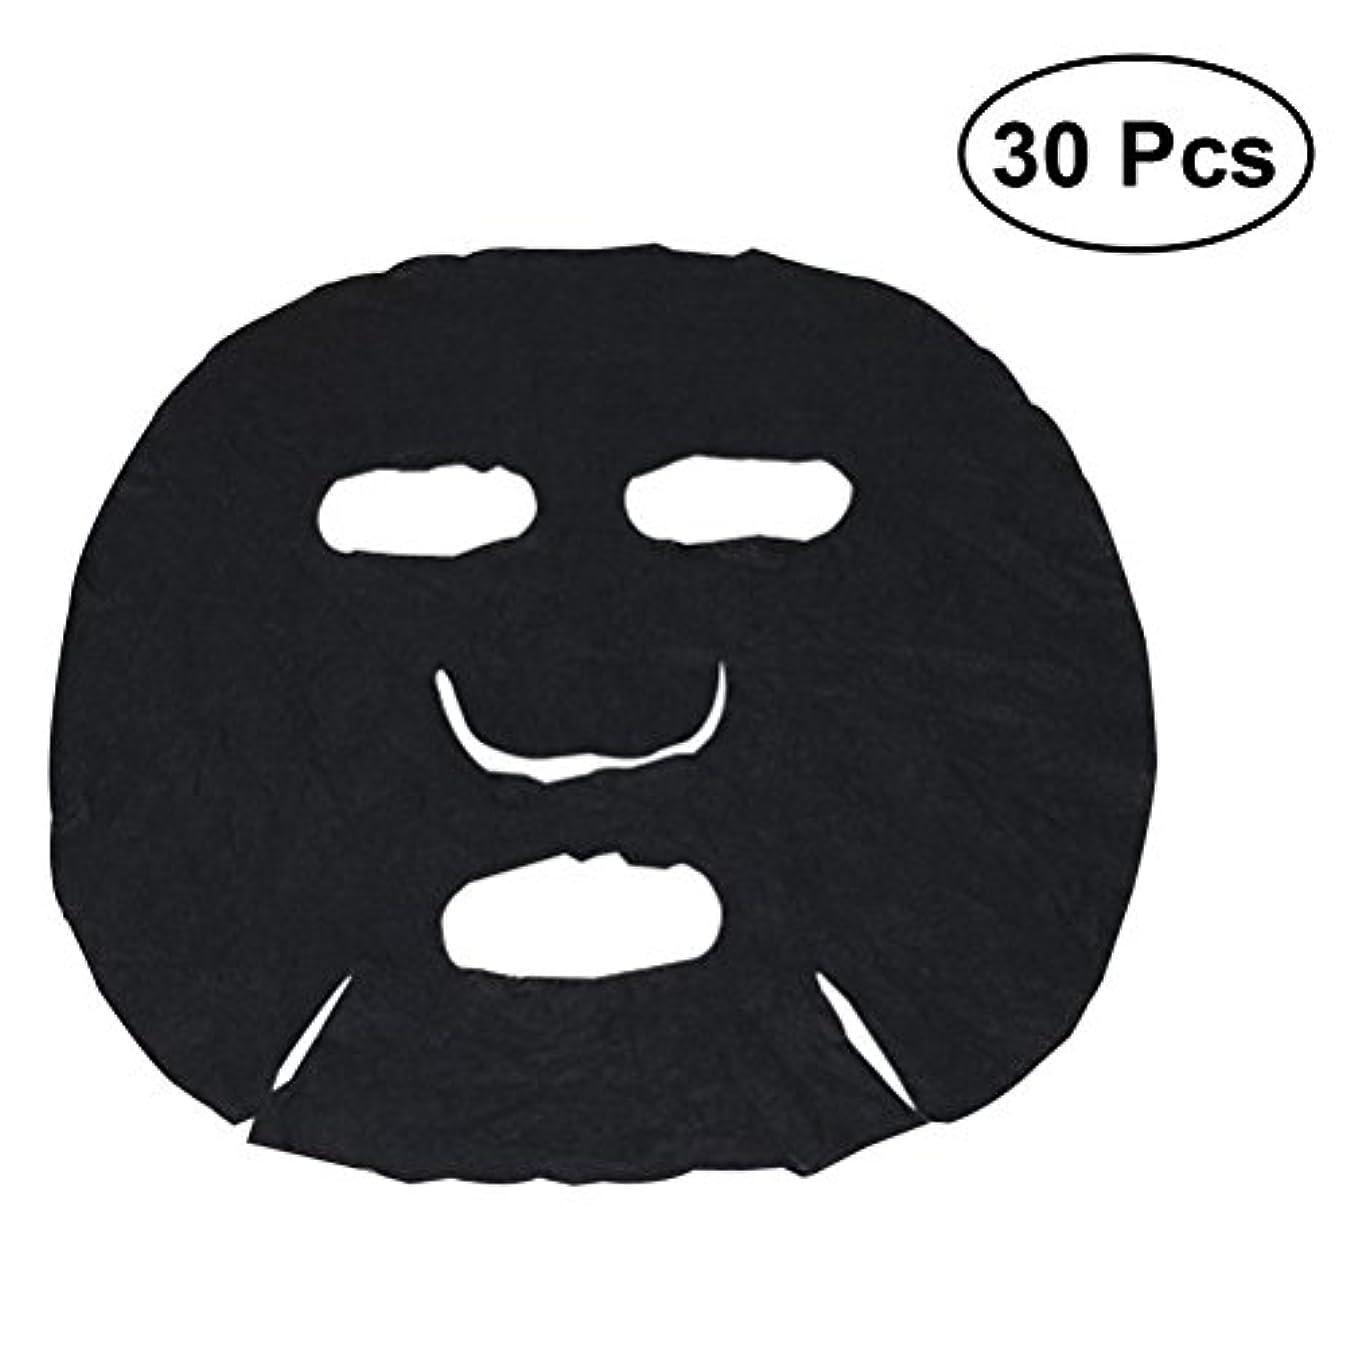 ペン鉄道モルヒネFrcolor 圧縮マスク 圧縮フェイスパック 竹炭 圧縮マスクシート スキンケア DIY 30枚入り 携帯便利 使い捨て